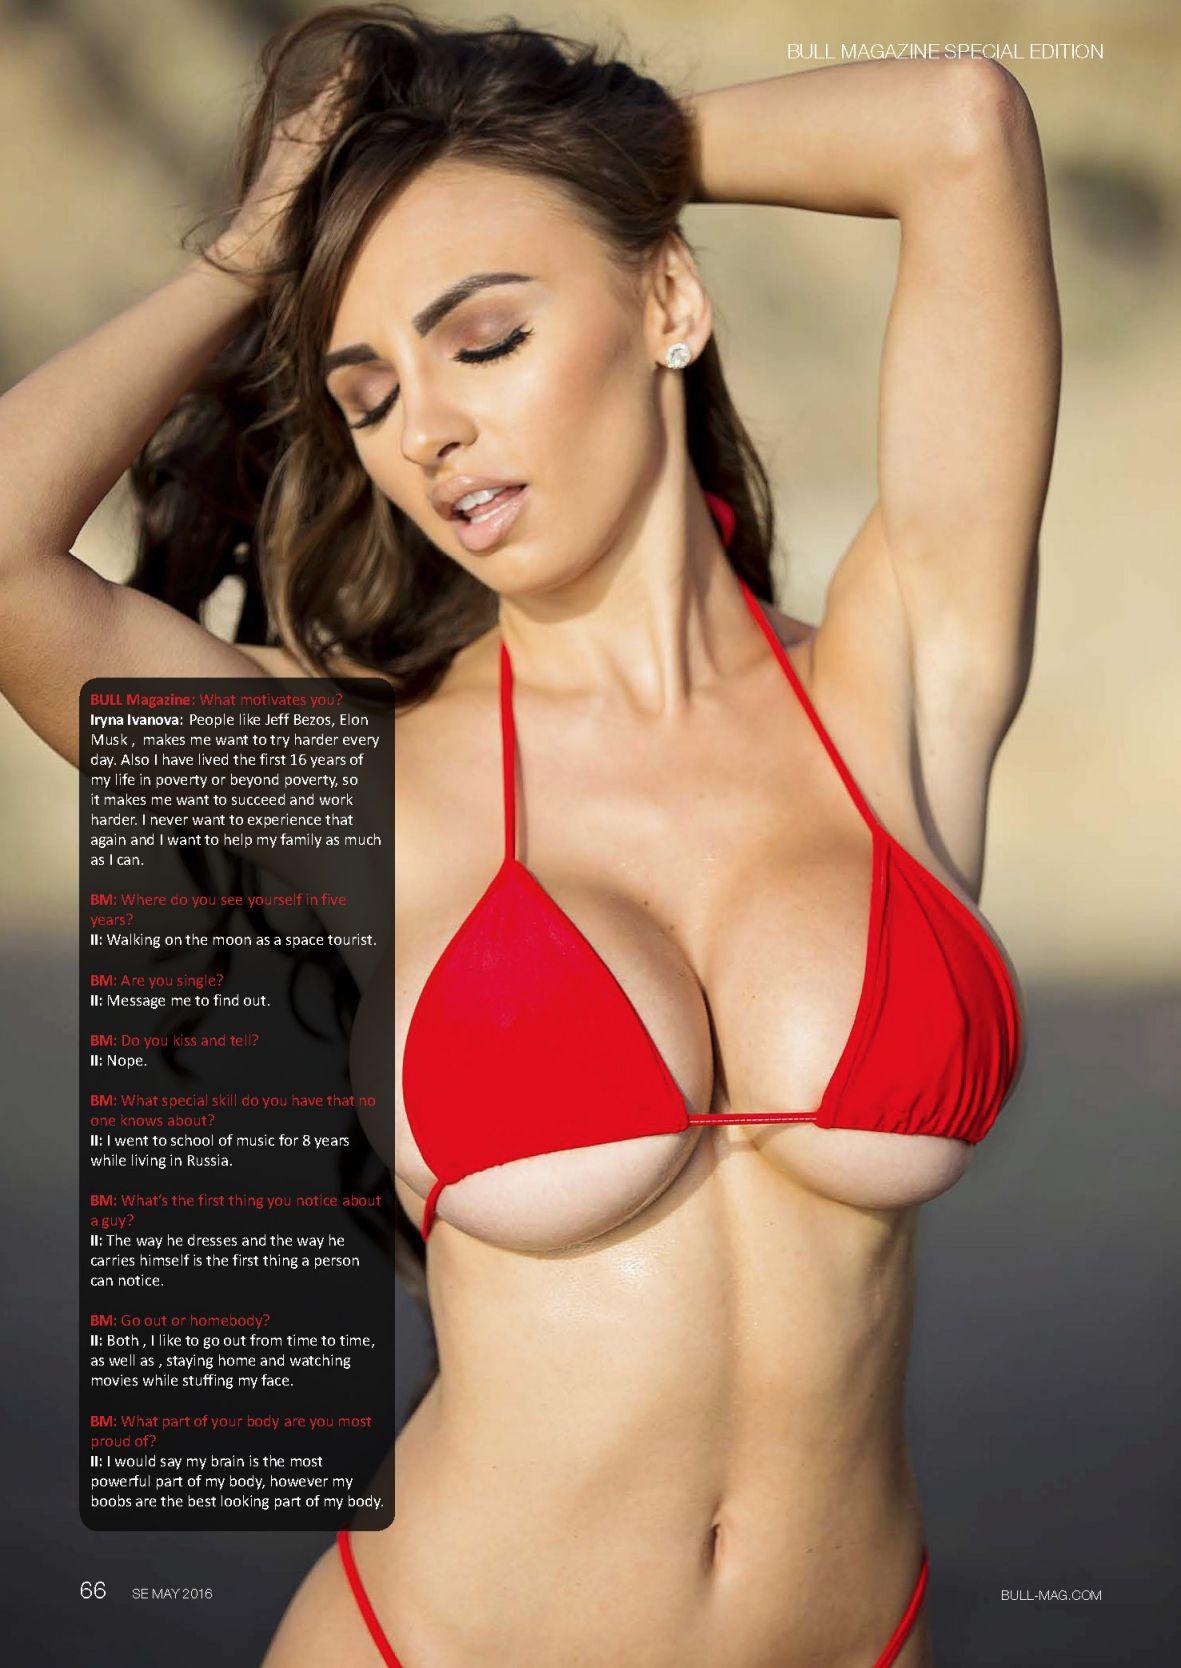 Iryna-Ivanova-Sexy-7 (1)